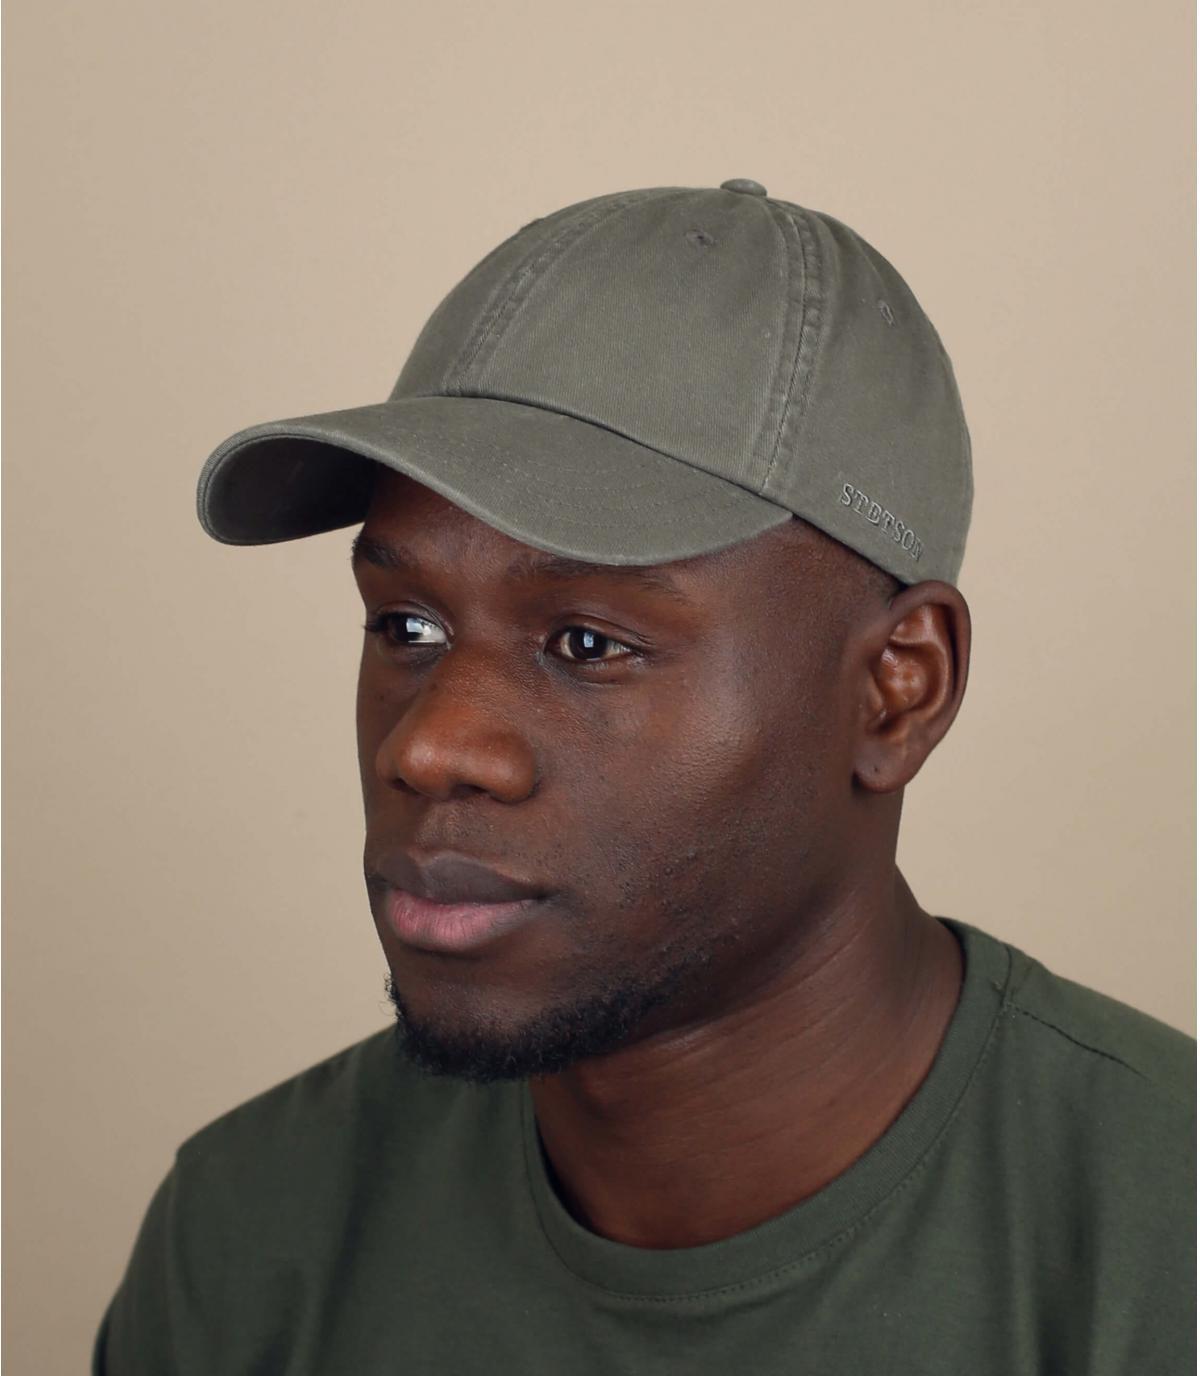 casquette Stetson vert